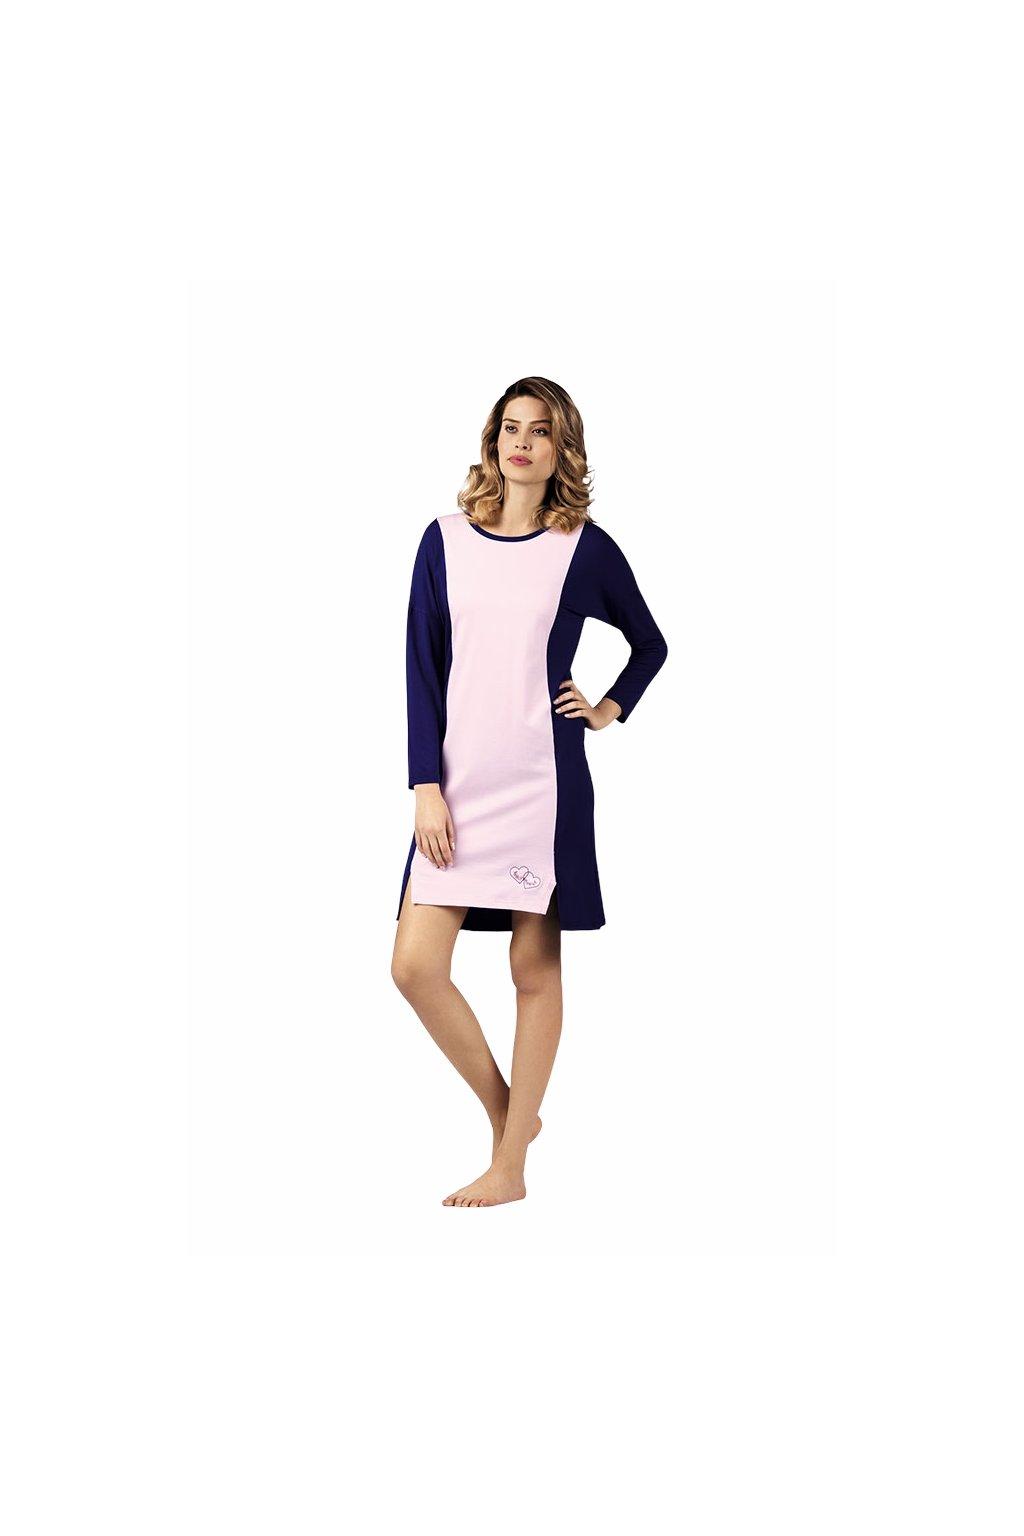 Dámská noční košile s 3/4 rukávem, 104420 912, lila/fialová